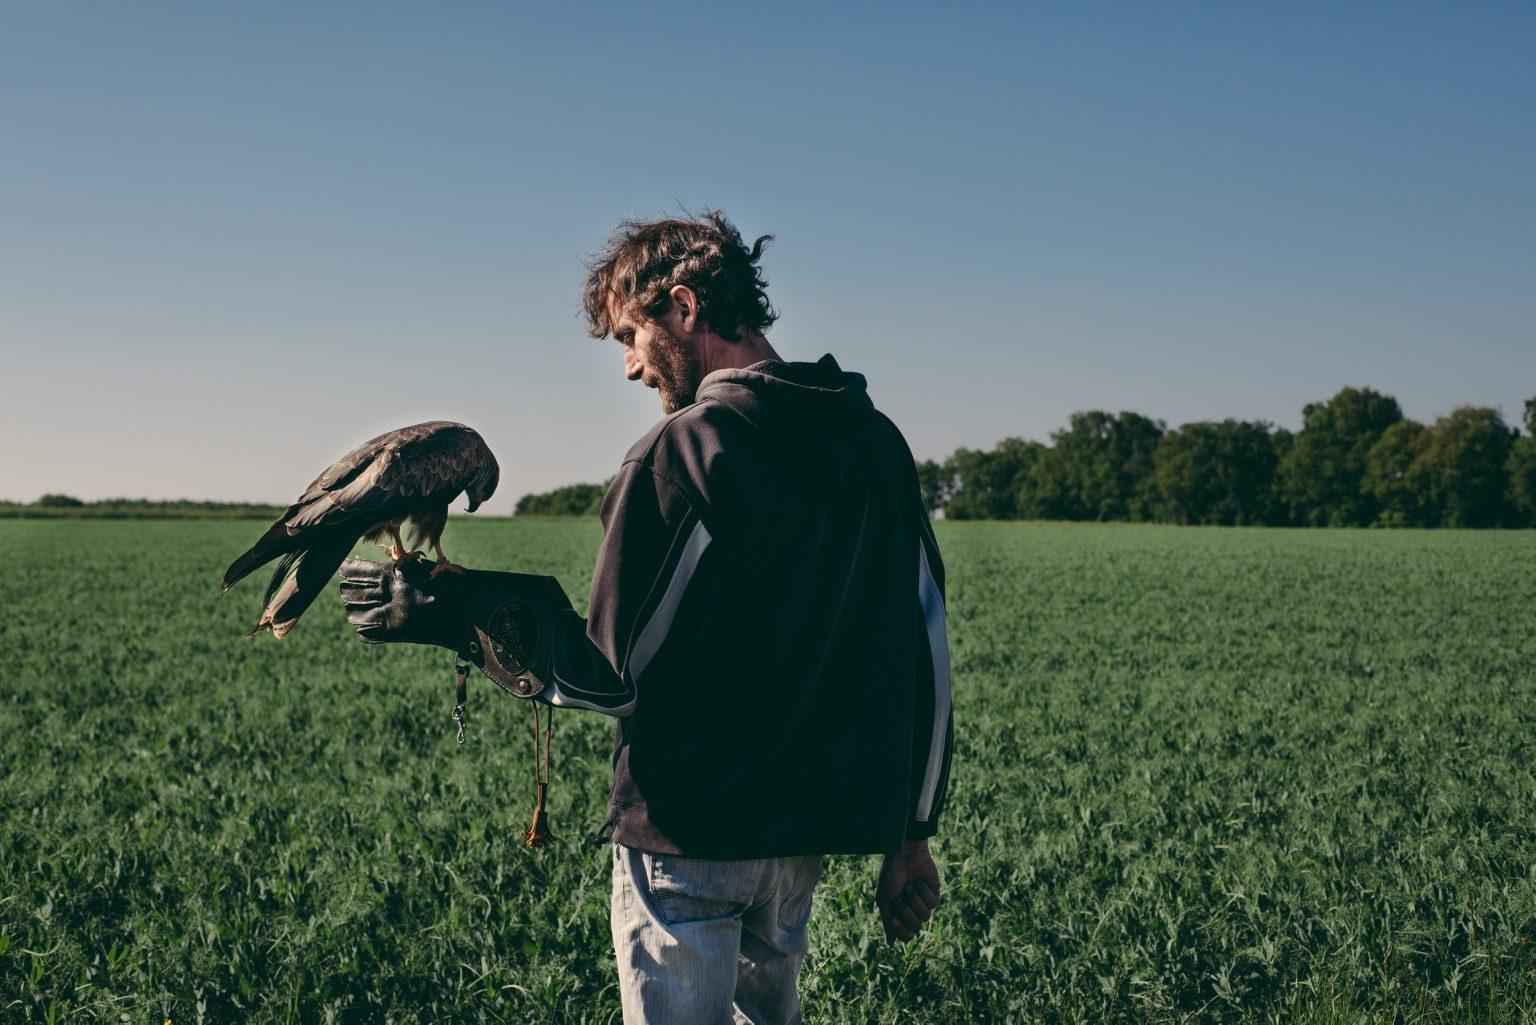 Bonneuil-Matours, France, May 2017 - La Maison Neuve. Tristan Plot with the black kite Elypse. ><  Bonneuil-Matours, Francia, maggio 2017 - La Maison Neuve. Tristan Plot con il nibbio nero Elypse.*** SPECIAL   FEE   APPLIES *** *** Local Caption *** 01489306